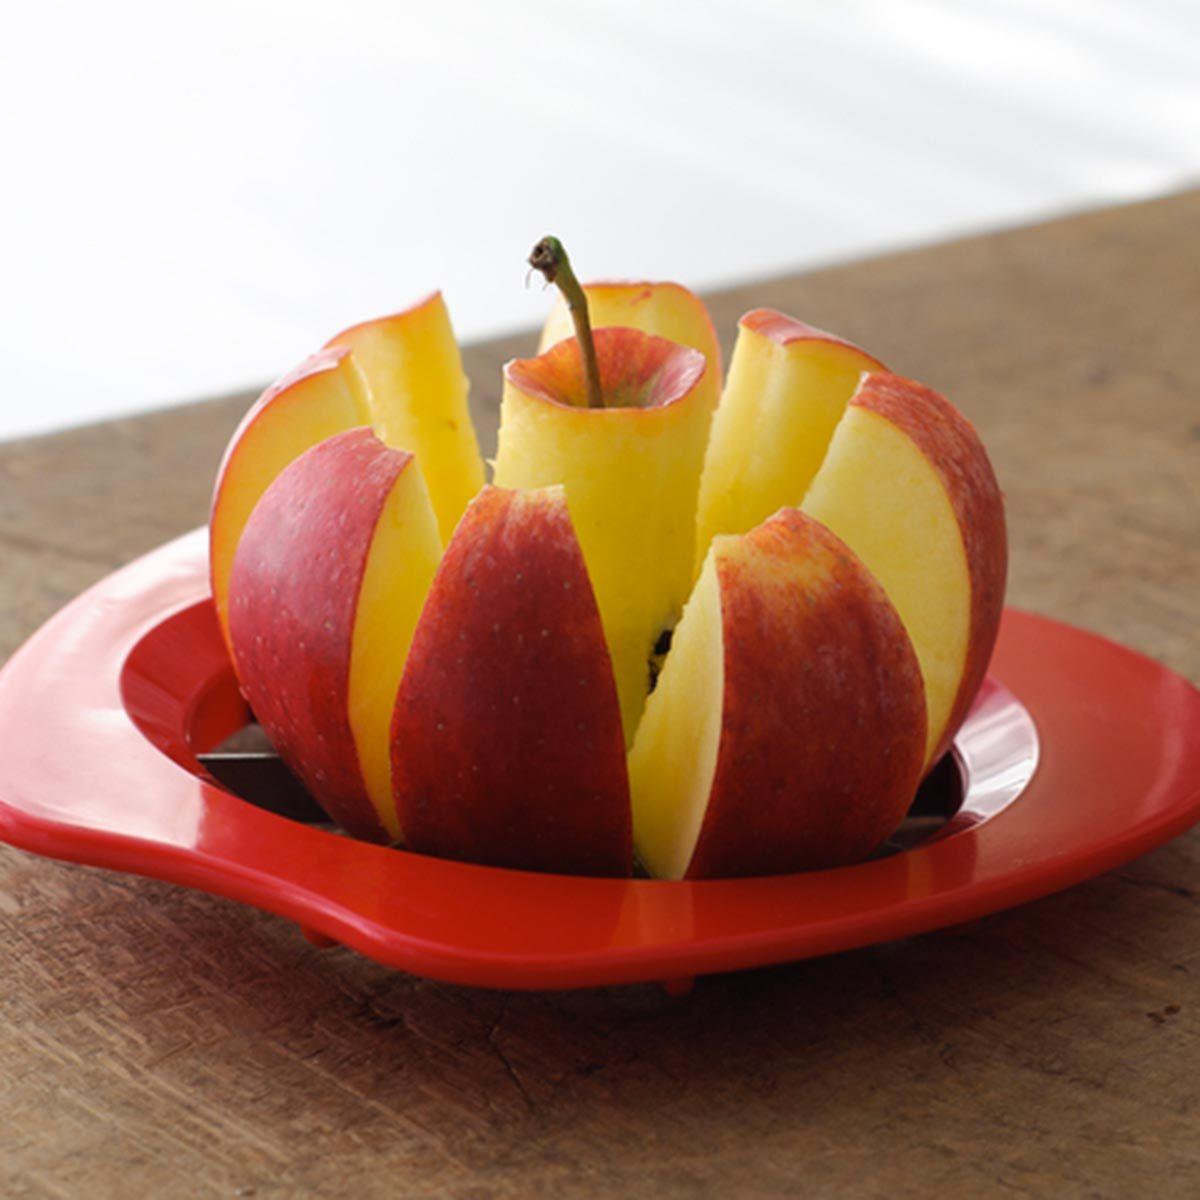 Trucs culinaires : pour les pommes de terre, utilisez votre appareil à trancher les pommes.